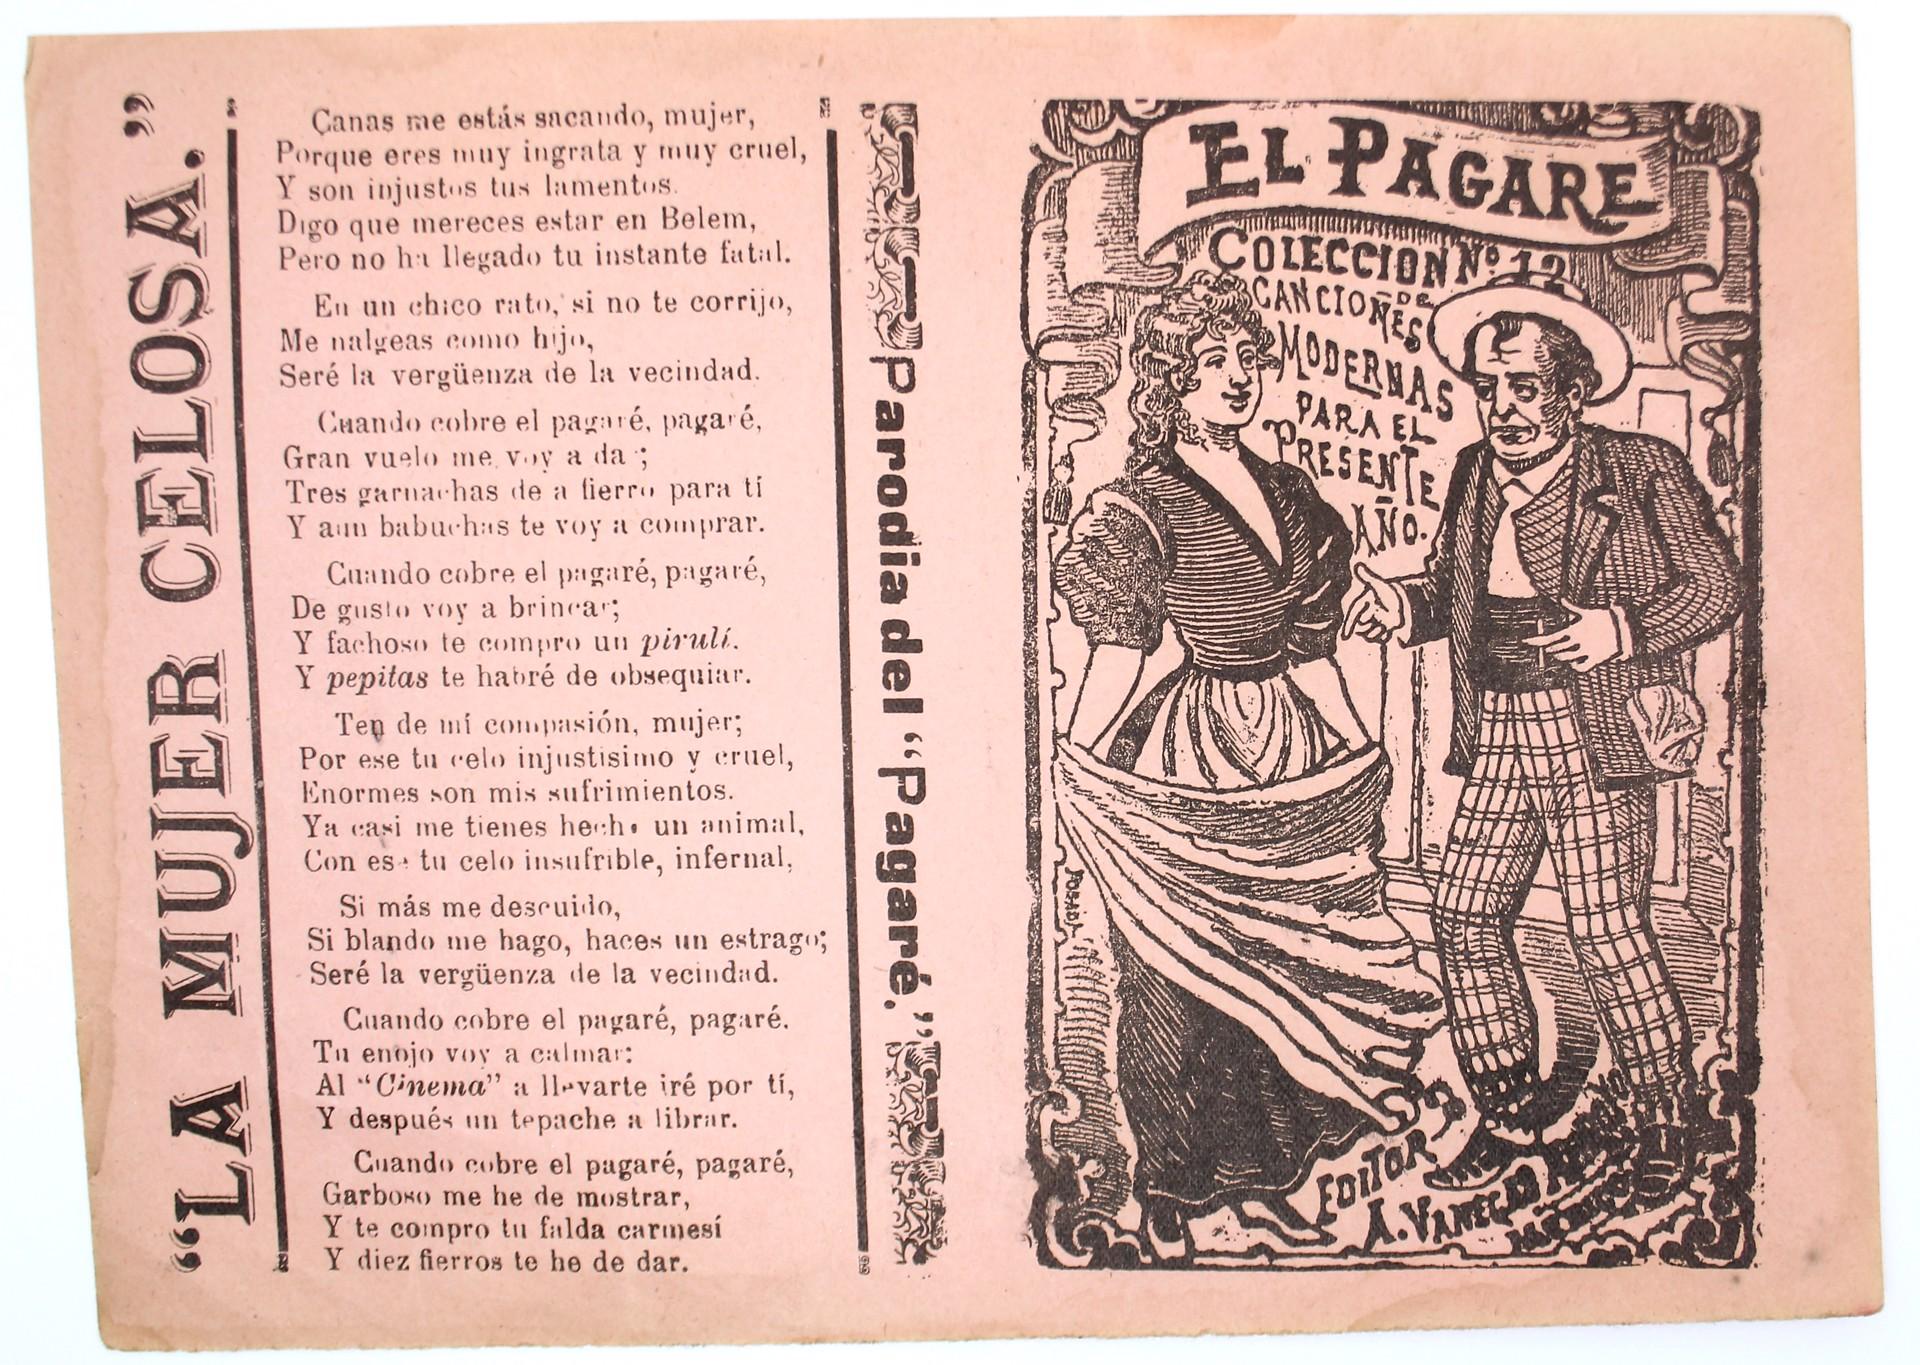 El Pagare. Coleccion de canciones modernas para el presente ano, No. 12 by José Guadalupe Posada (1852 - 1913)